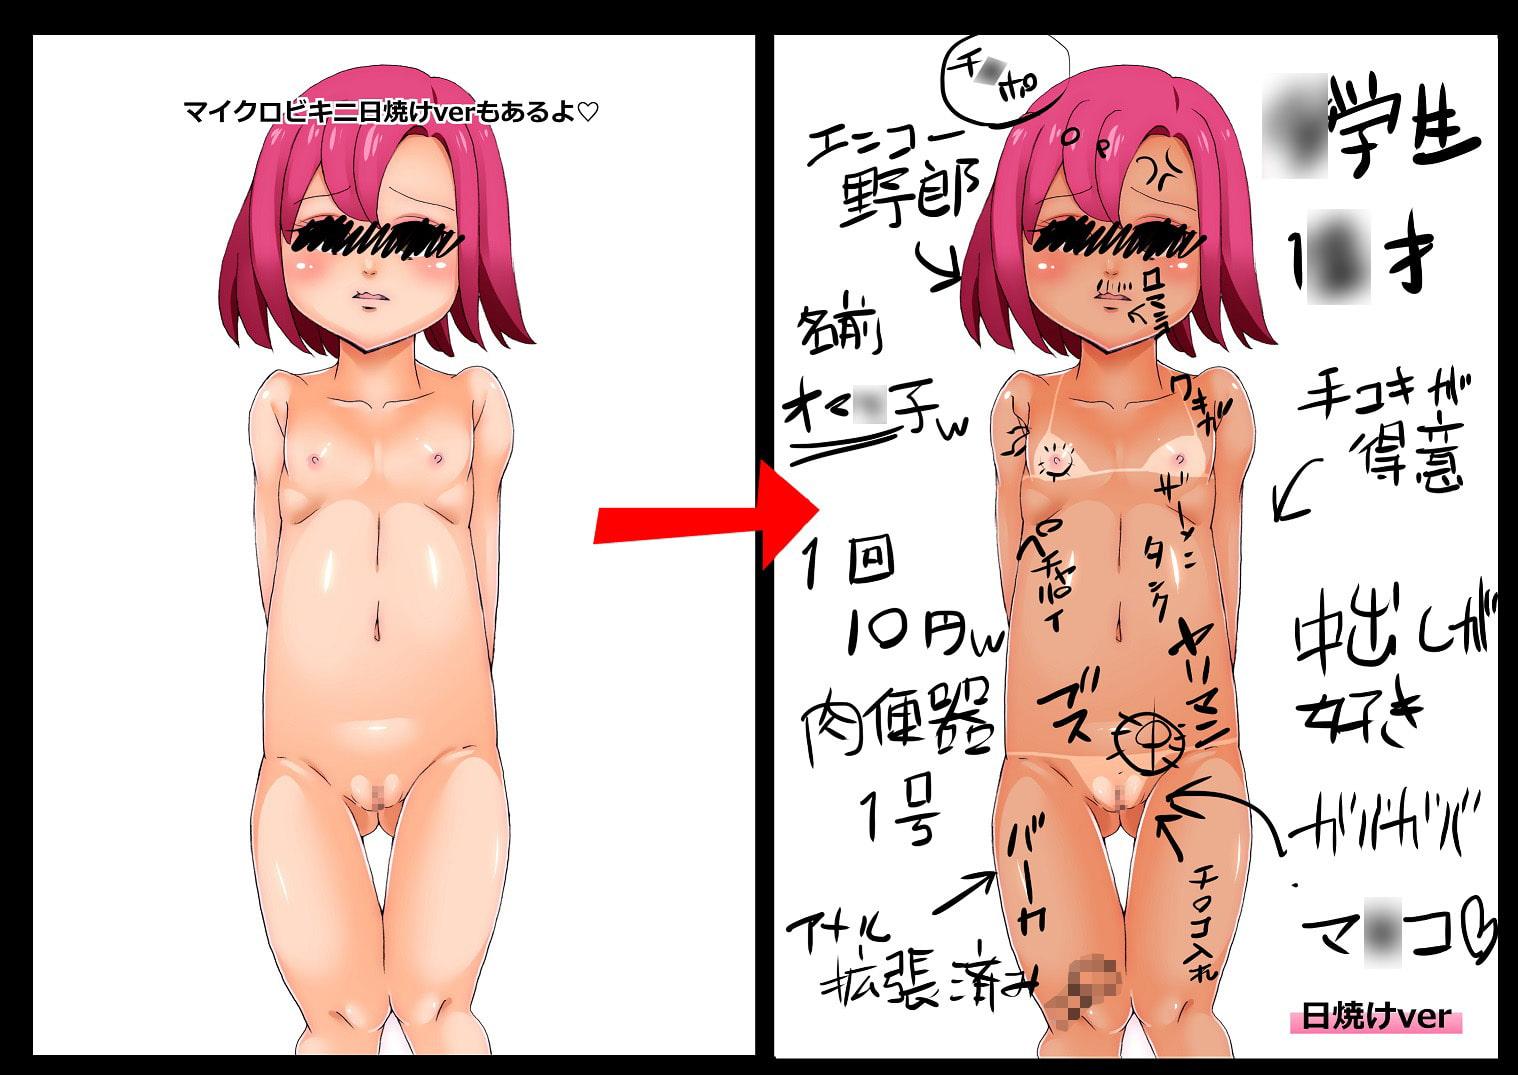 全裸ラクガキ ~凛堂 茜(りんどう あかね)~